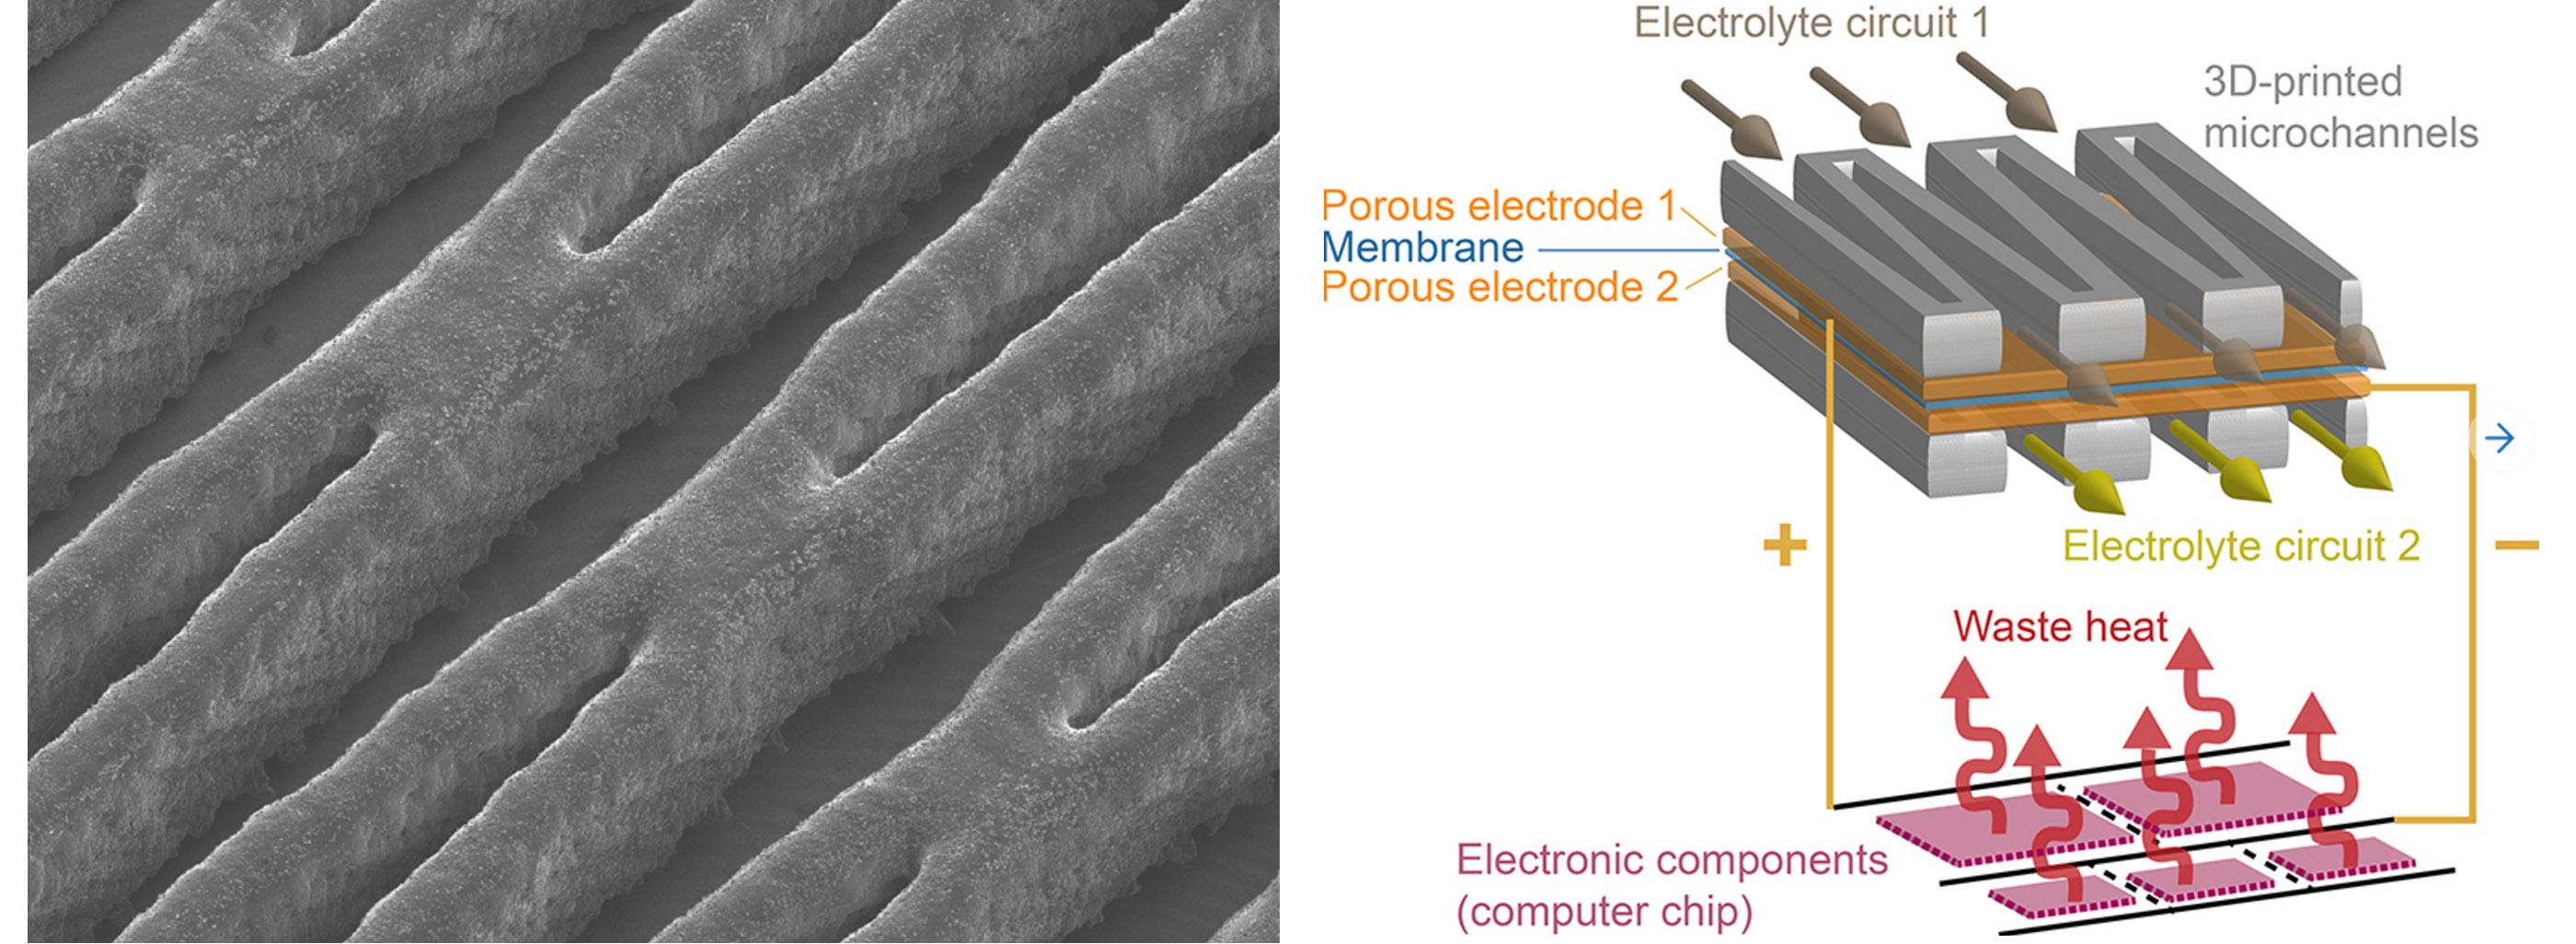 Жидкие батарейки смогут охлаждать электронику